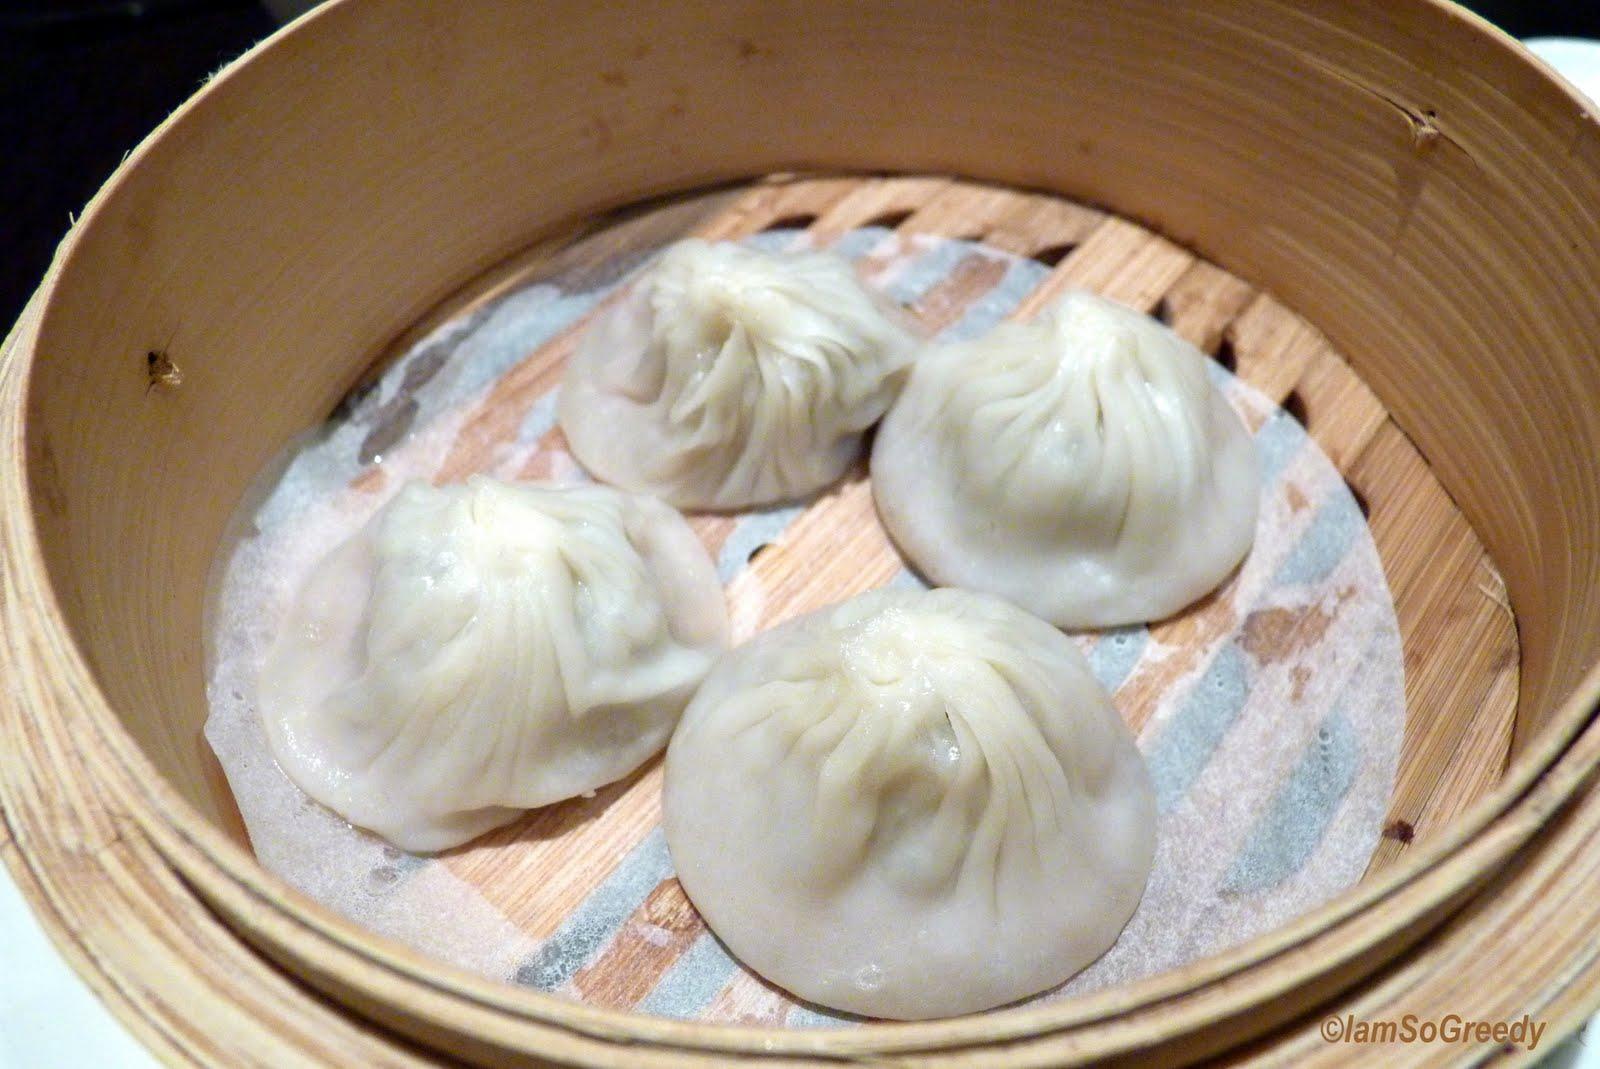 xiao long bao the xiao long bao upon being lifted up by the chopsticks ...